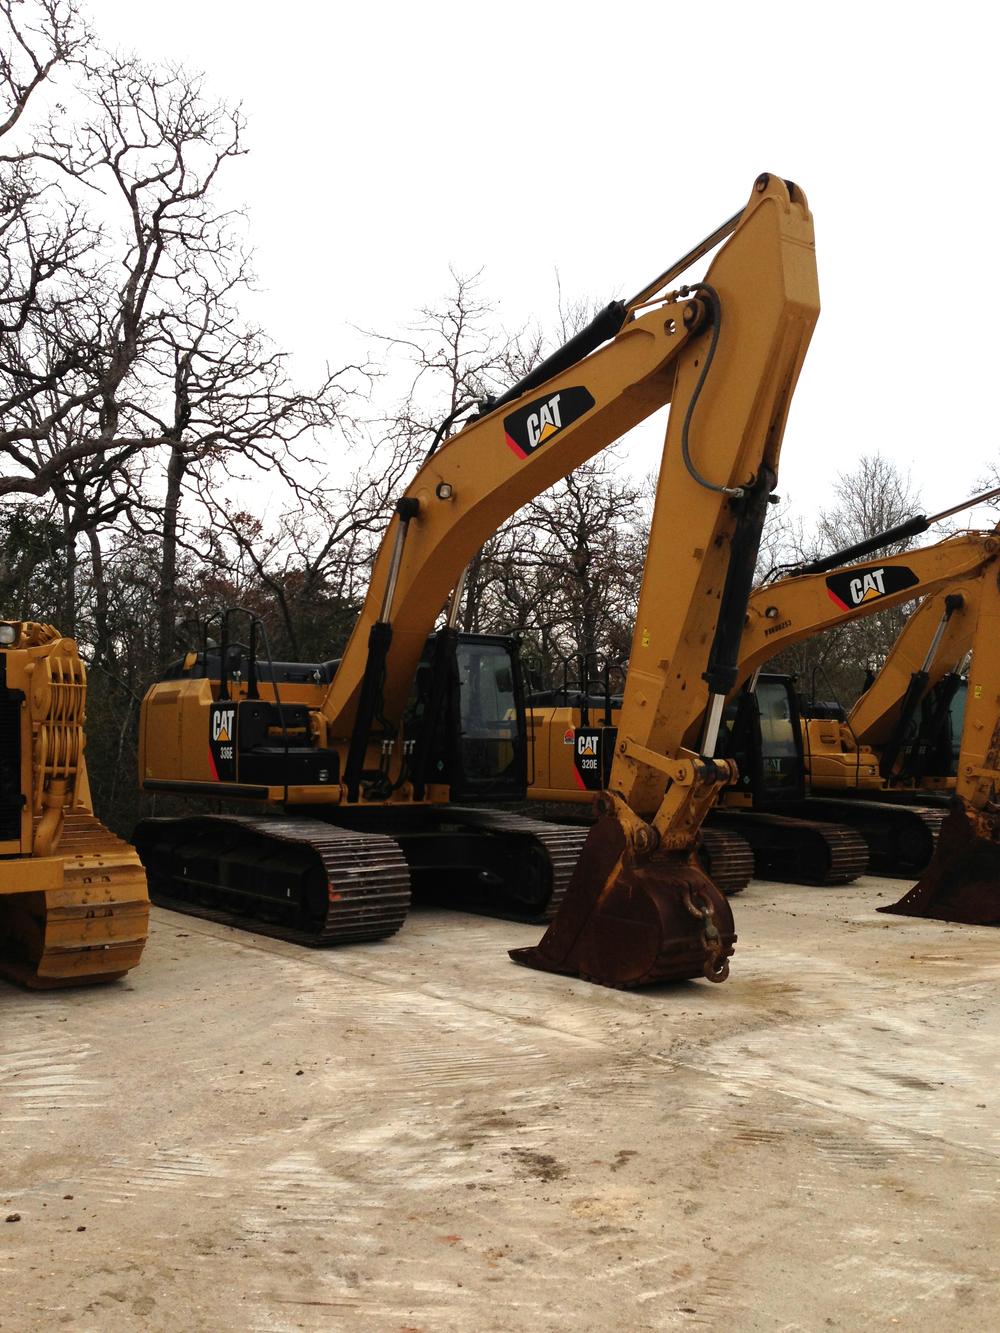 336EL Caterpillar Excavator